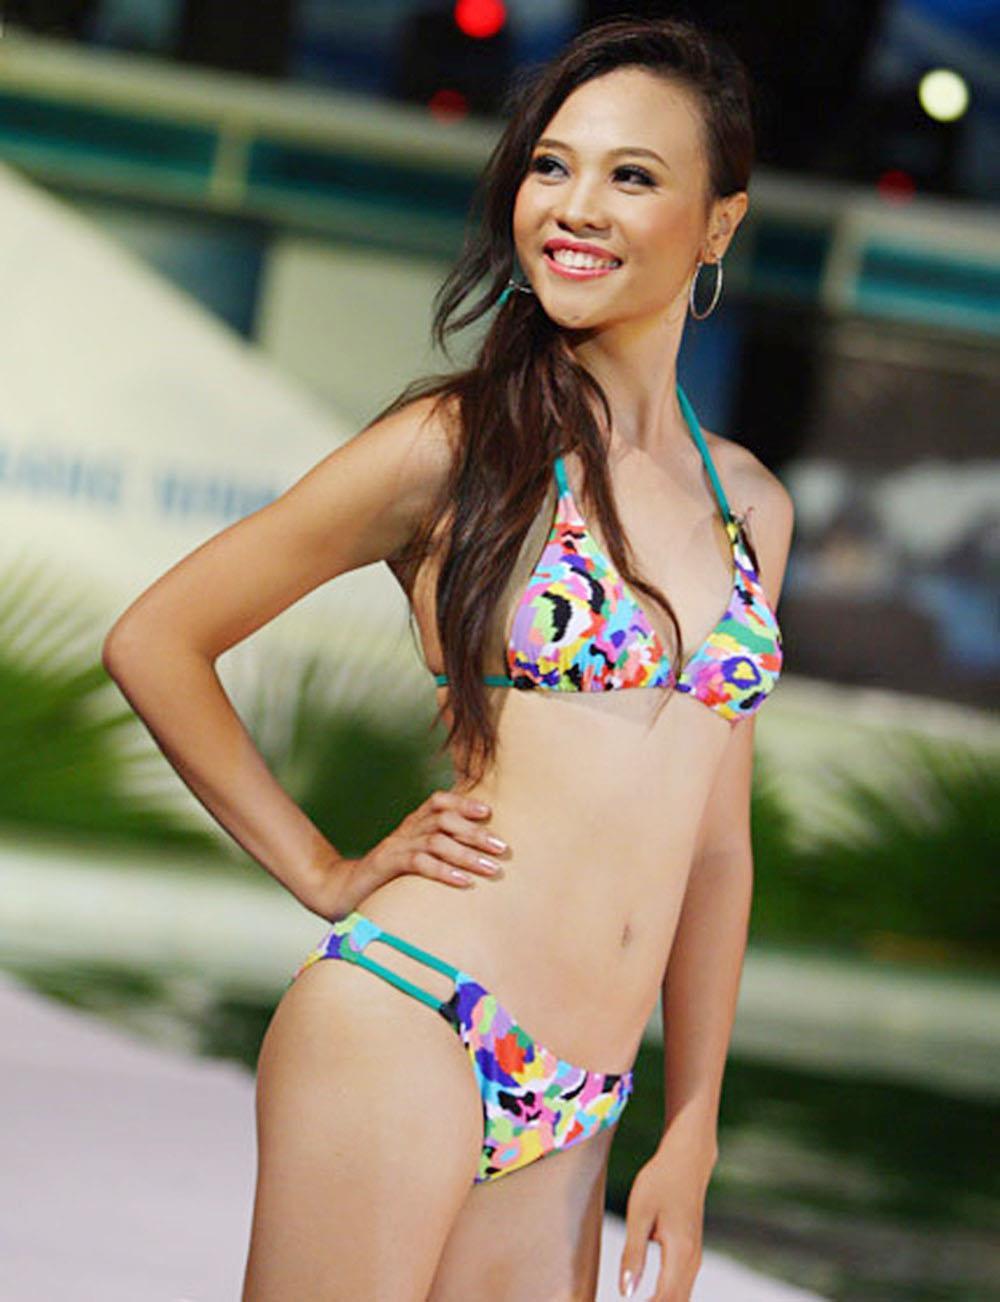 Đàm Thu Trang - cô gái dân tộc Tày khiến Cường Đô La mê đắm - Ảnh 1